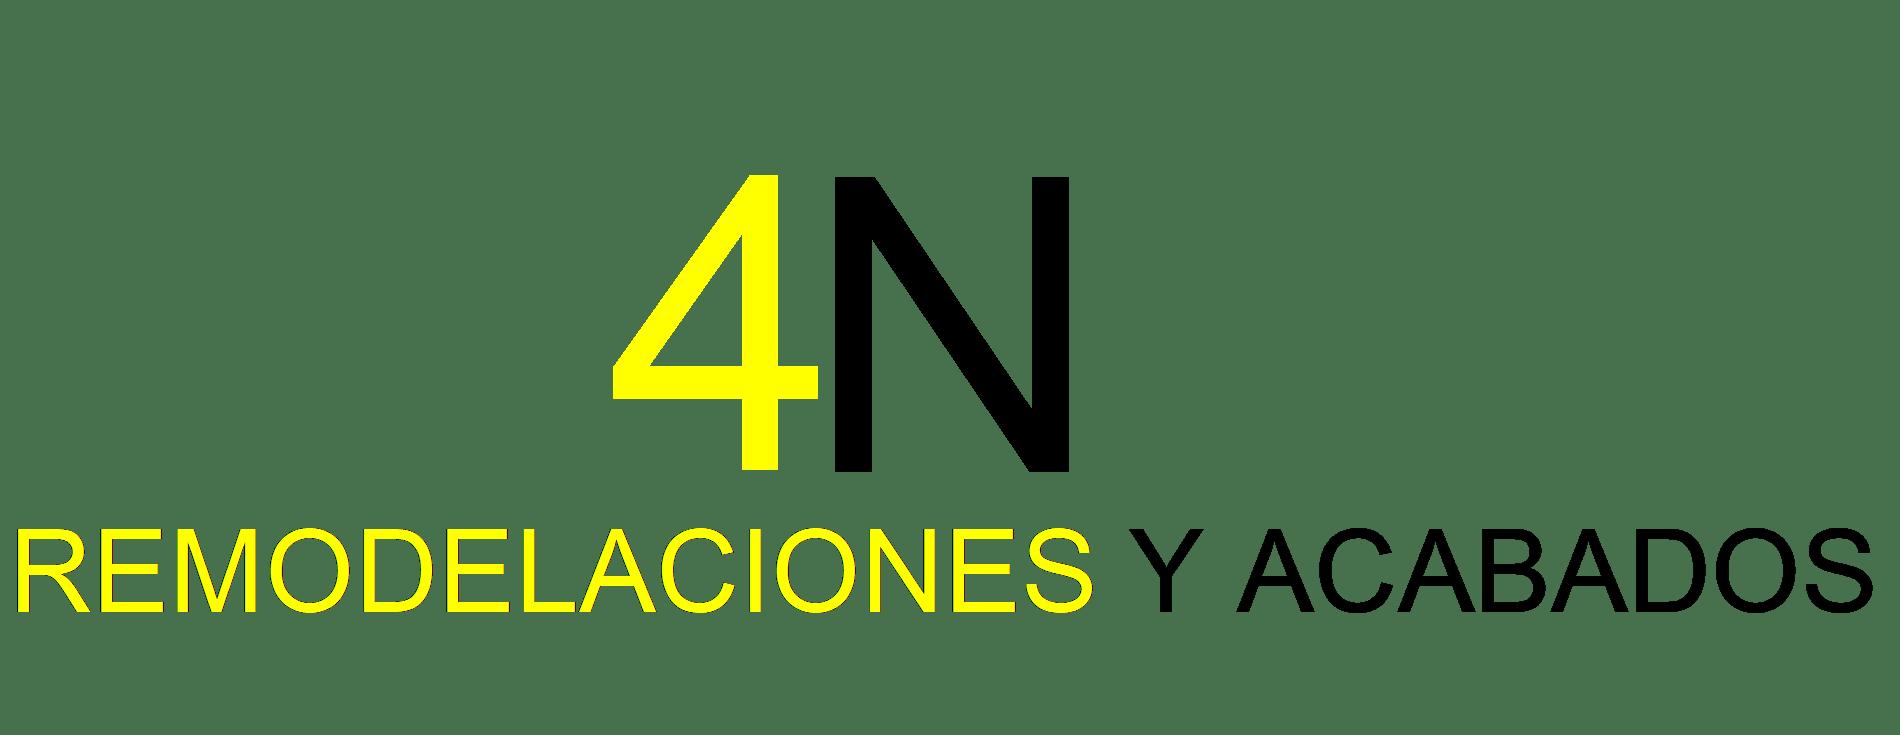 4N Remodelaciones Y Acabados